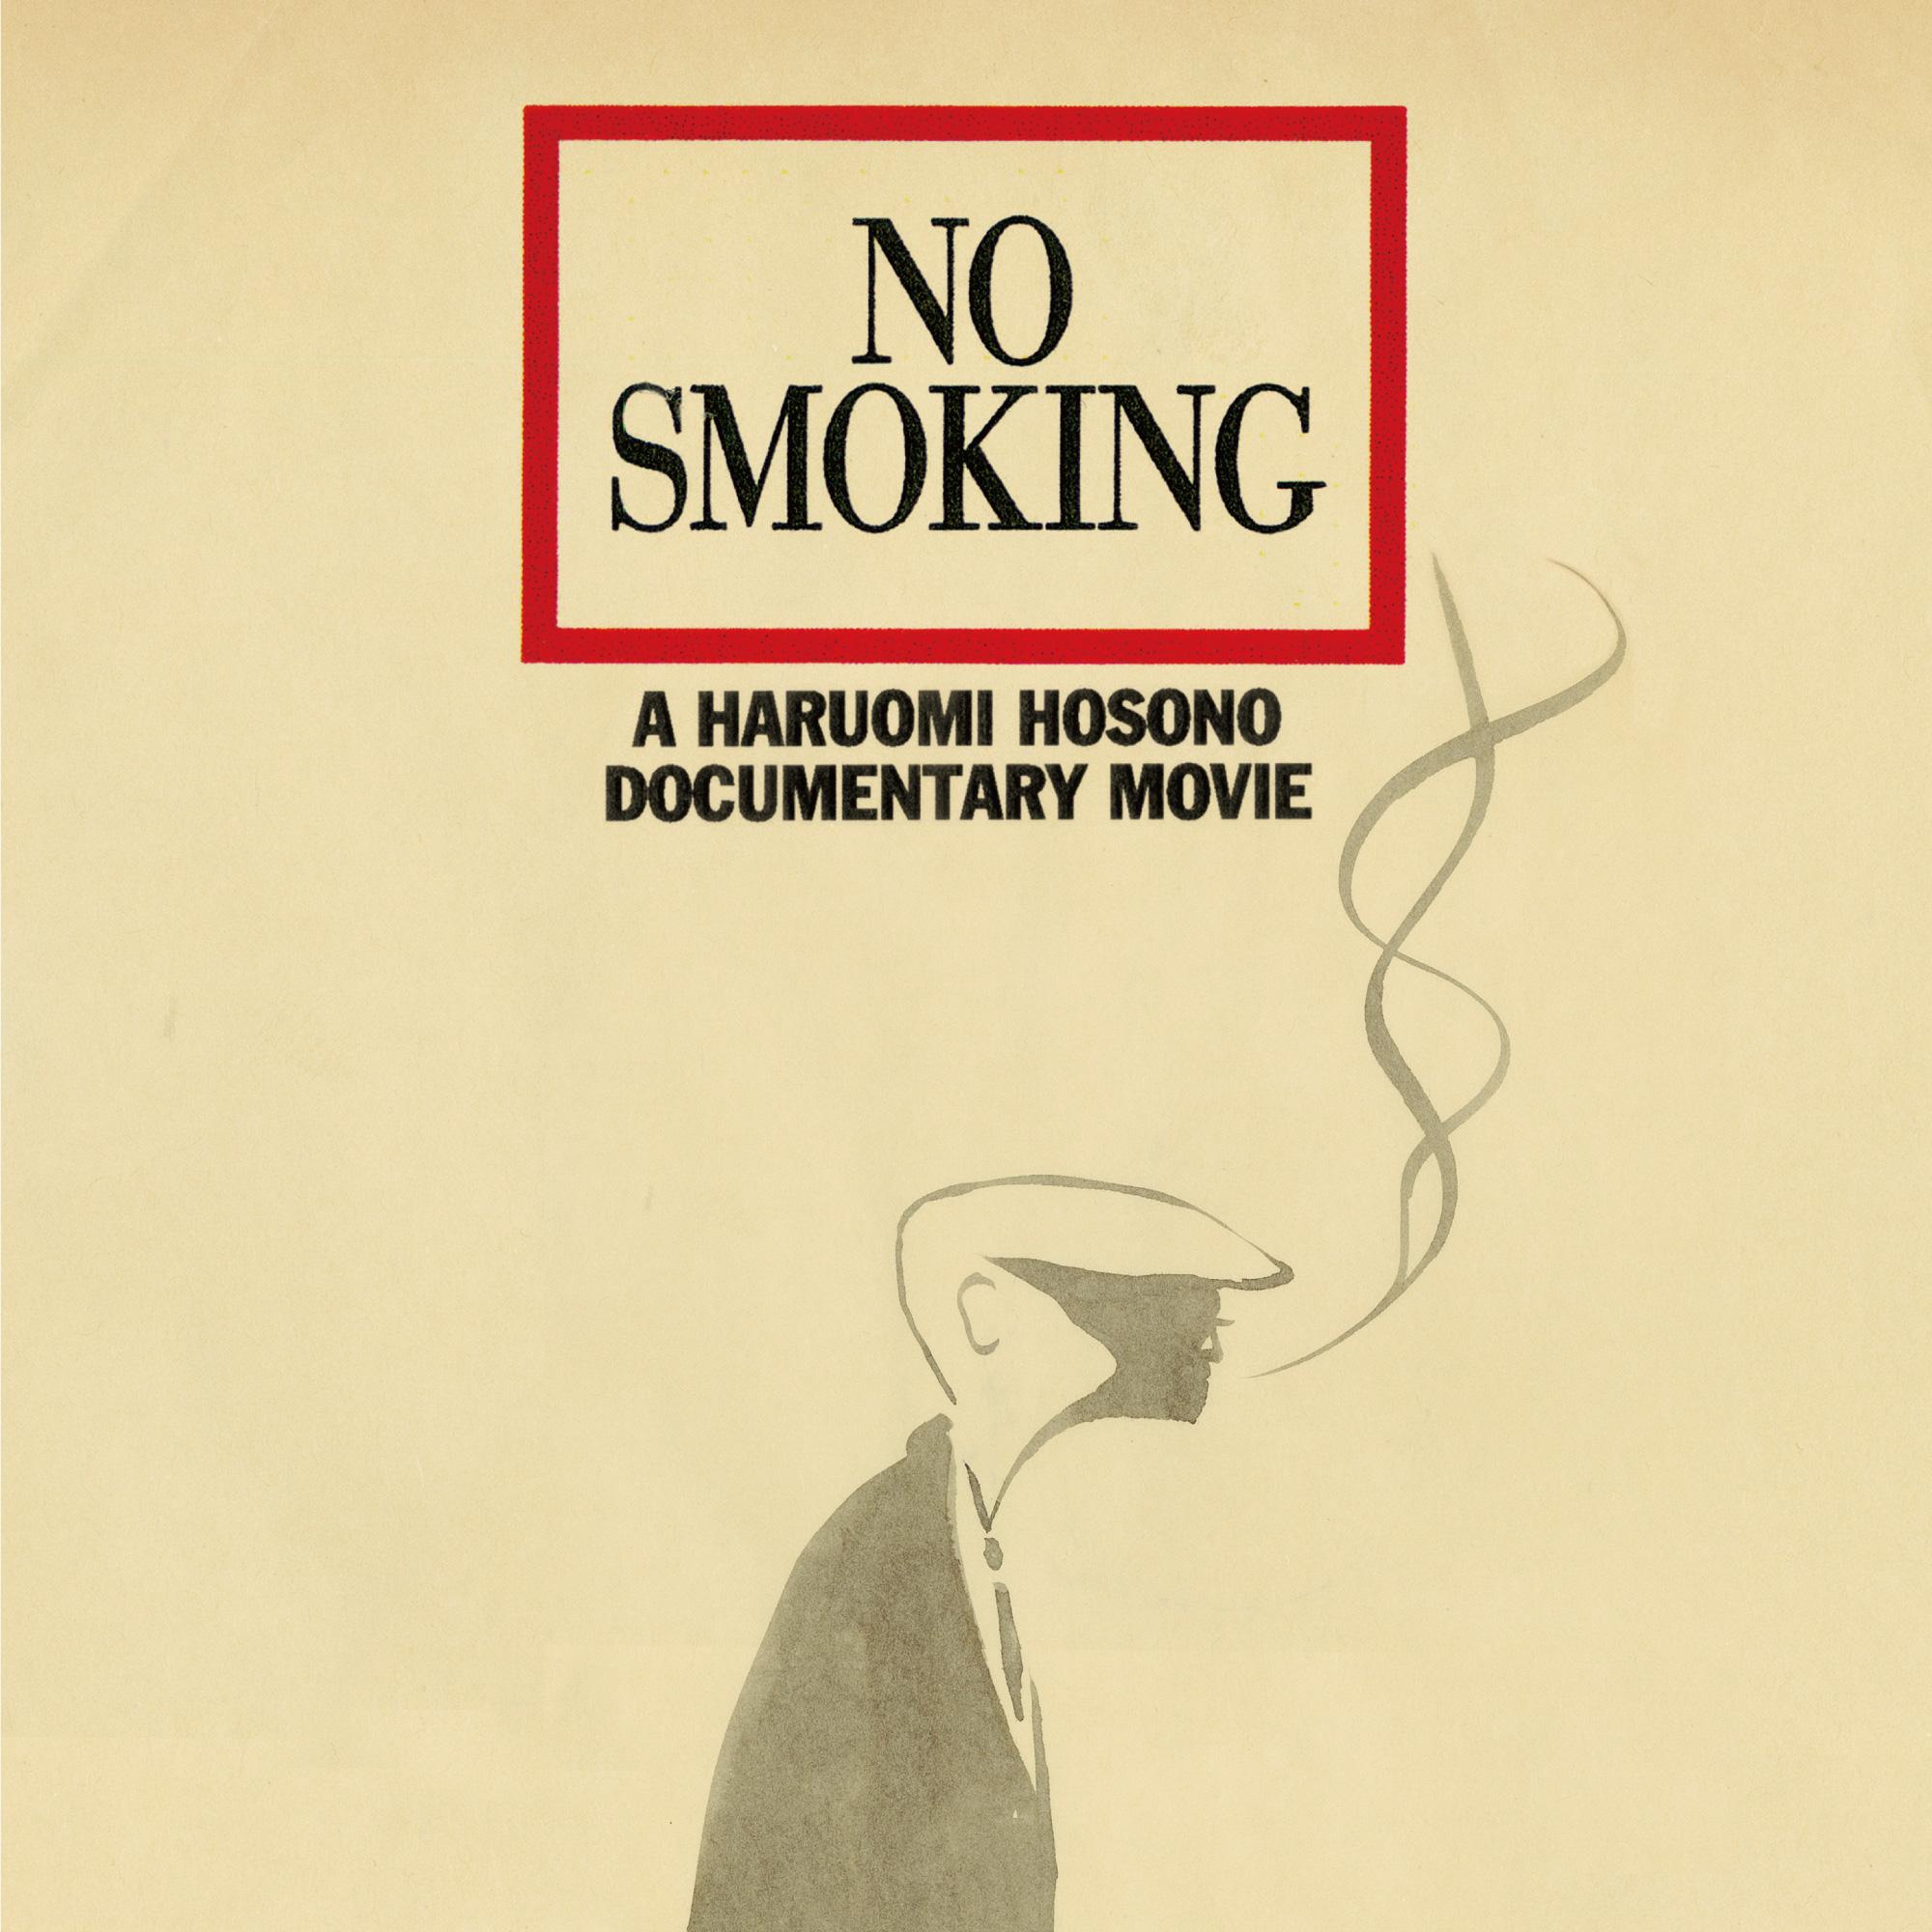 映画『NO SMOKING』サウンドトラック配信シングル